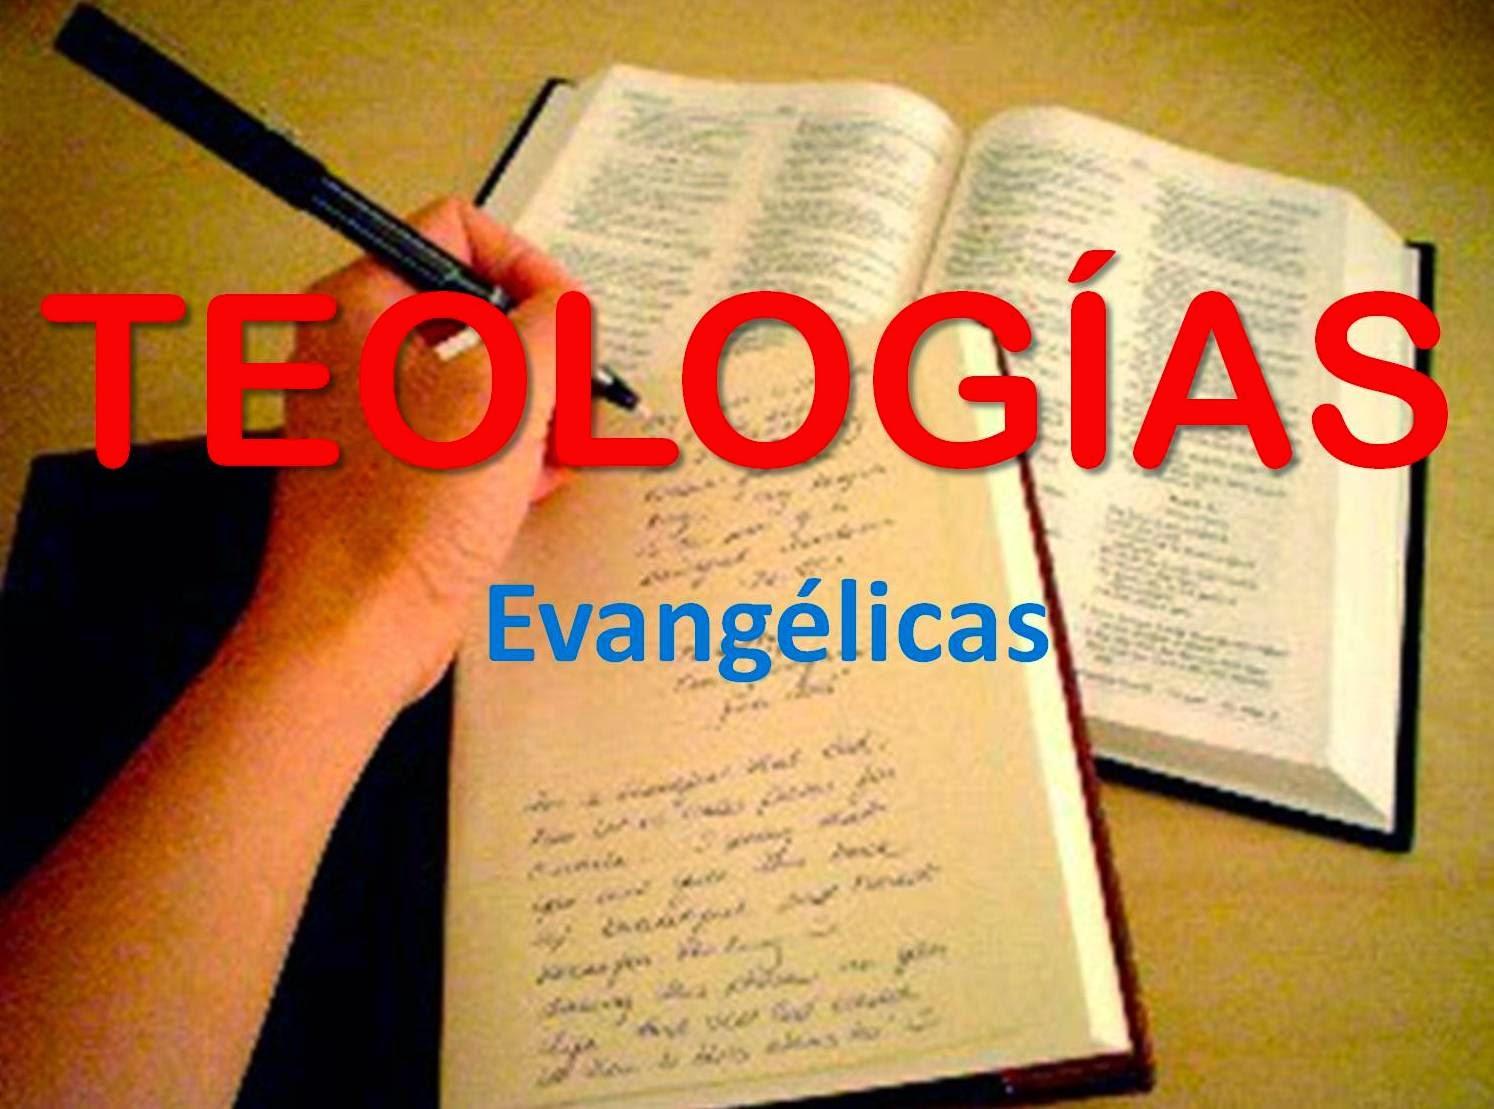 Teología Evangelica